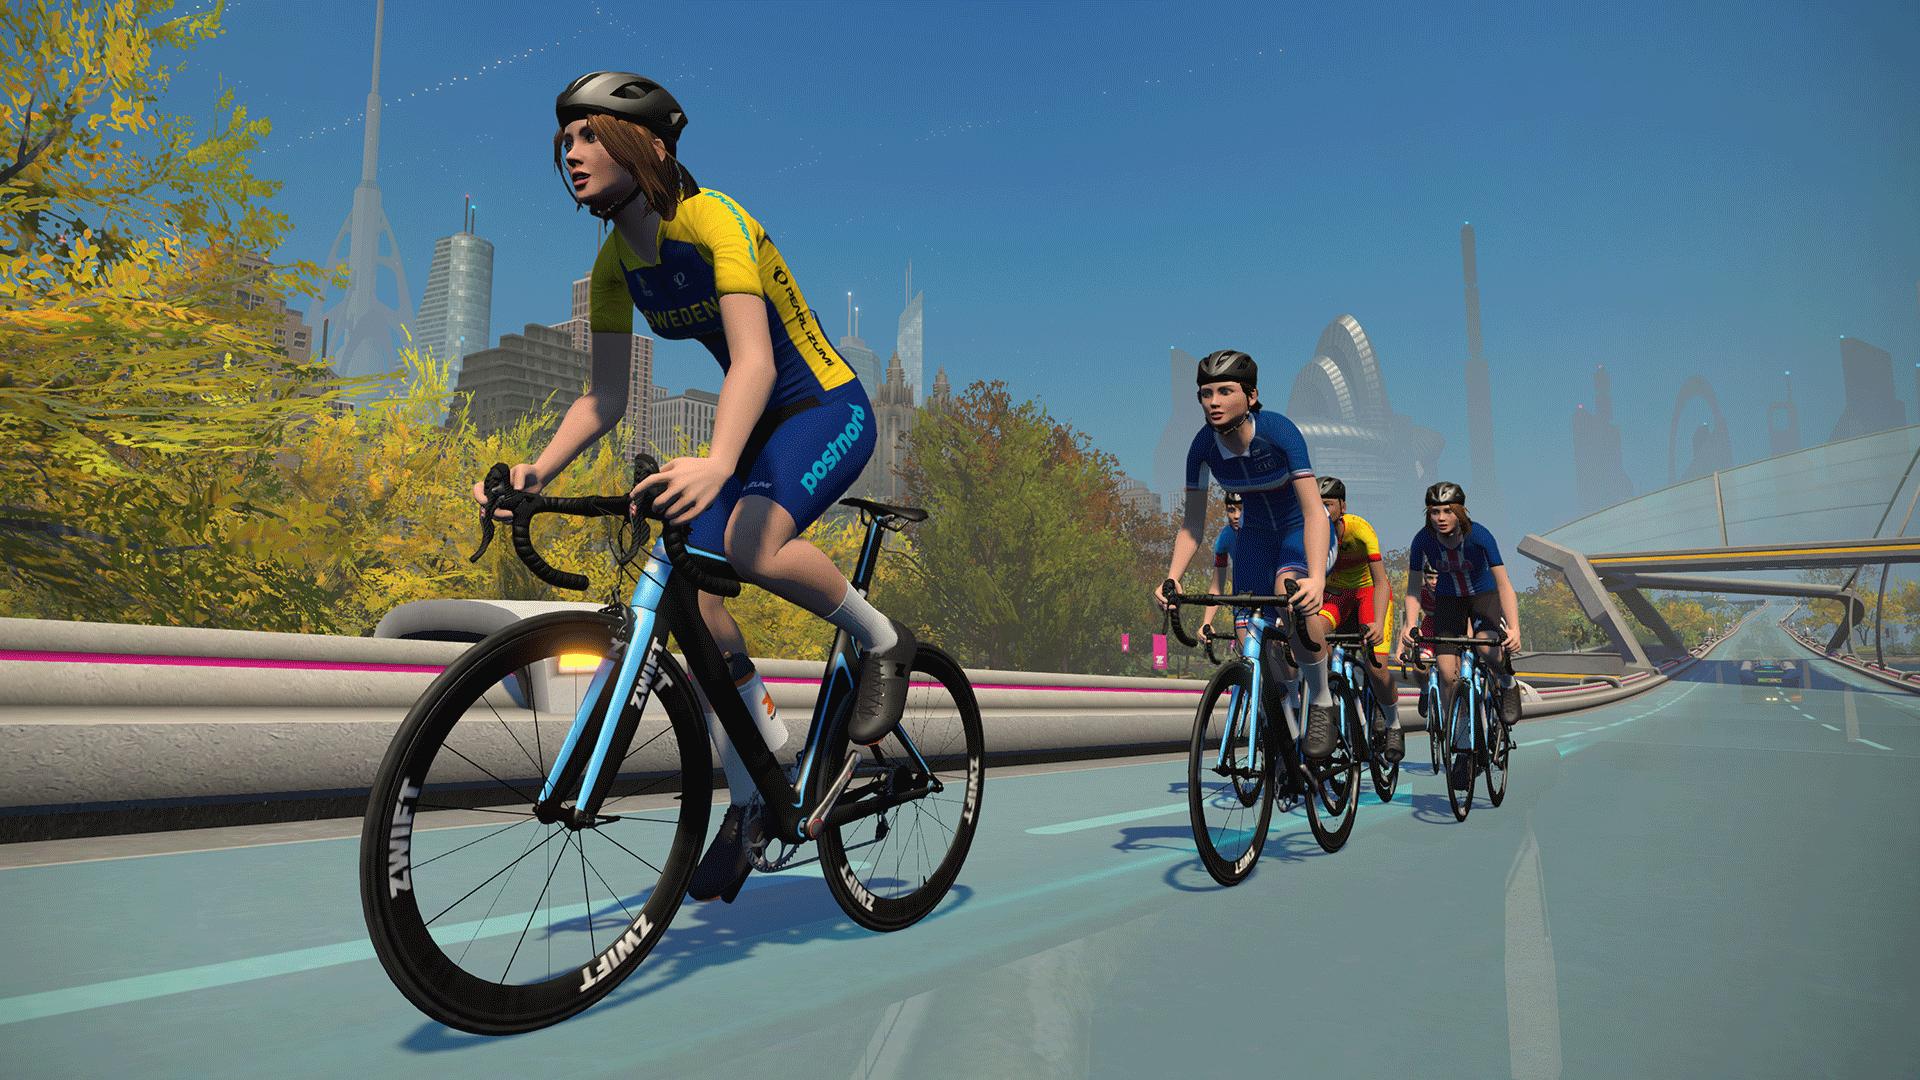 UCI BESTÄTIGT ZWIFT ALS AUSRICHTER DER UCI CYCLING ESPORTS WORLD CHAMPIONSHIP 2022